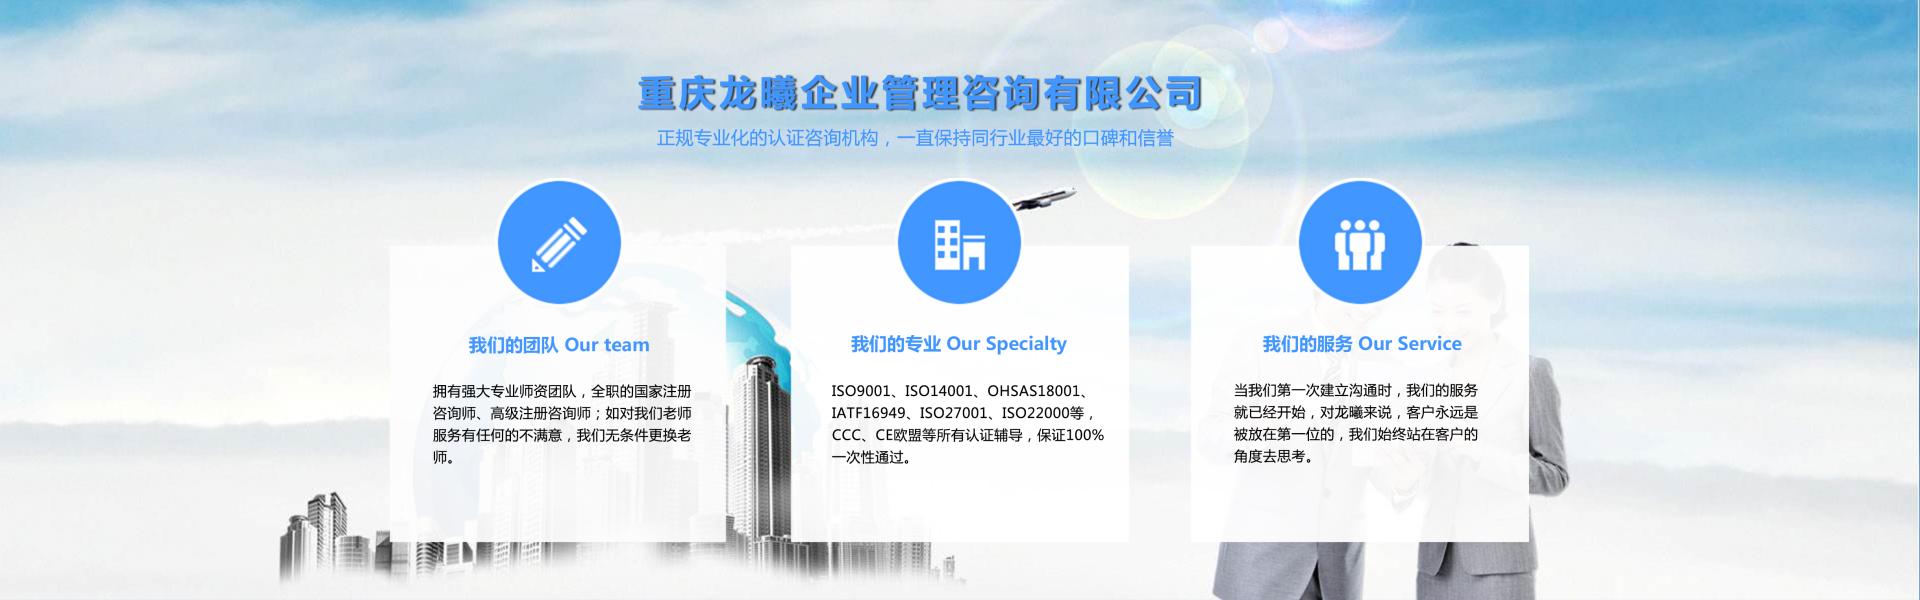 重庆ISO9001认证公司的服务优势介绍